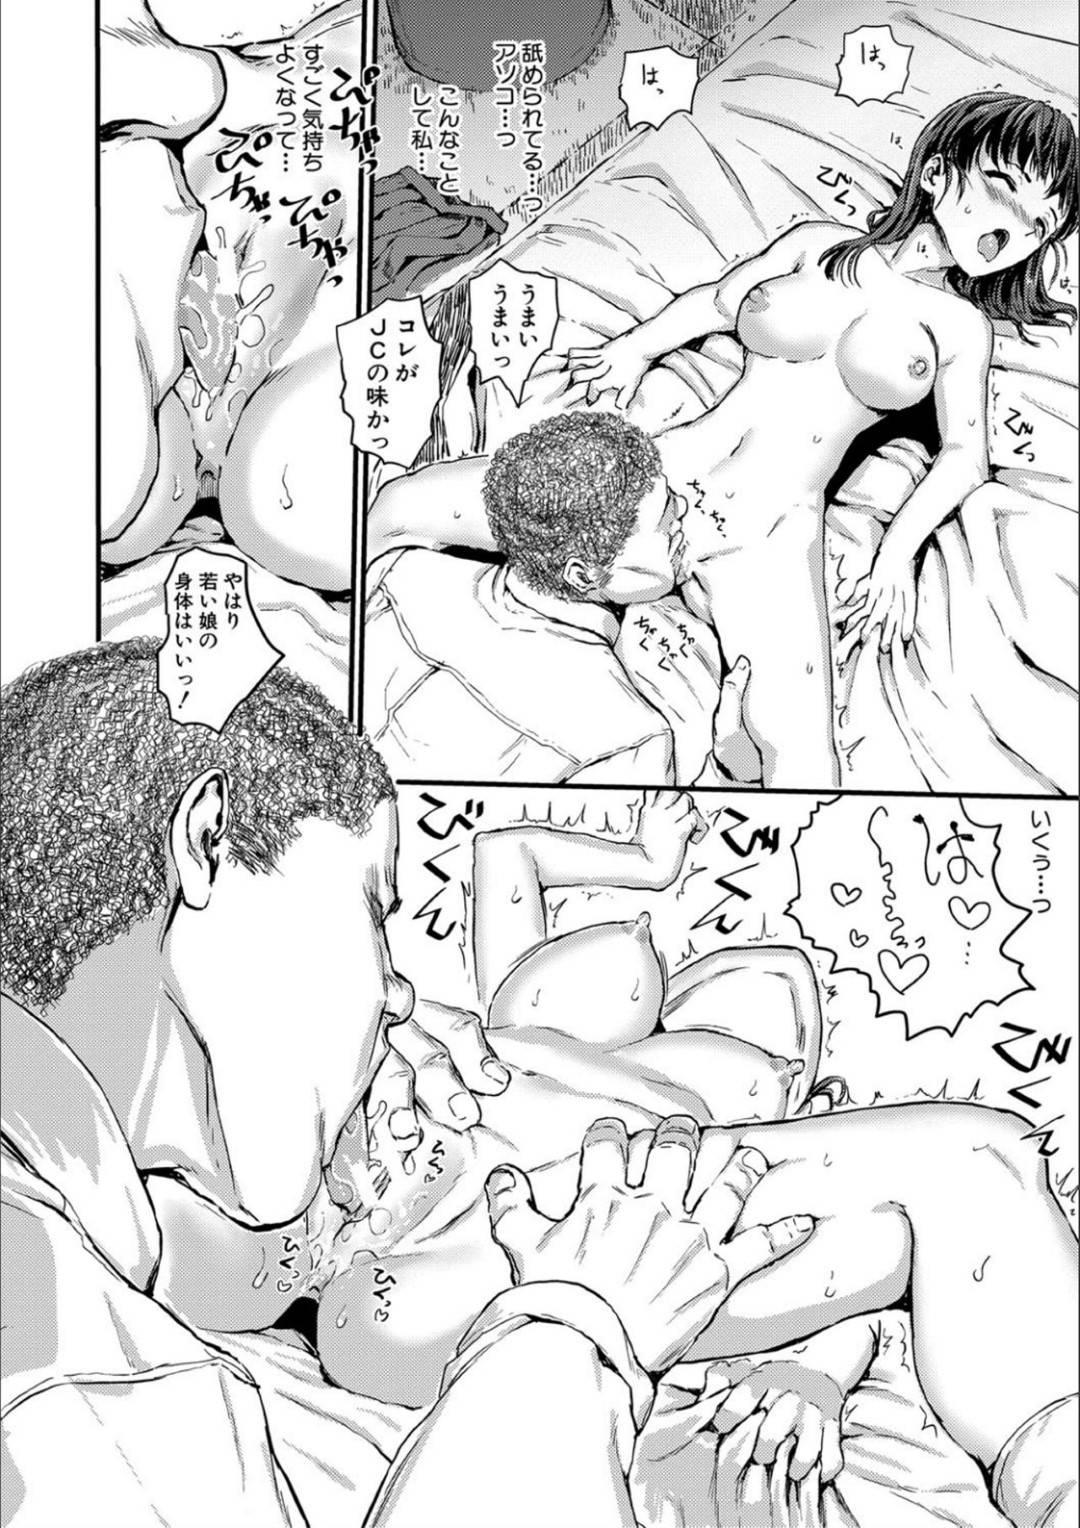 【エロ漫画】路上で声を掛けられた通りすがりのおじさんに失恋話を聞いてもらい慰めてもらっていたJC…気づくとラブホテルでセックスしていた!頭ではわかっていながらも快感を止められずファーストキスも処女も奪われ中出しされてしまう!【隈太郎:嗜春期 のこころ】